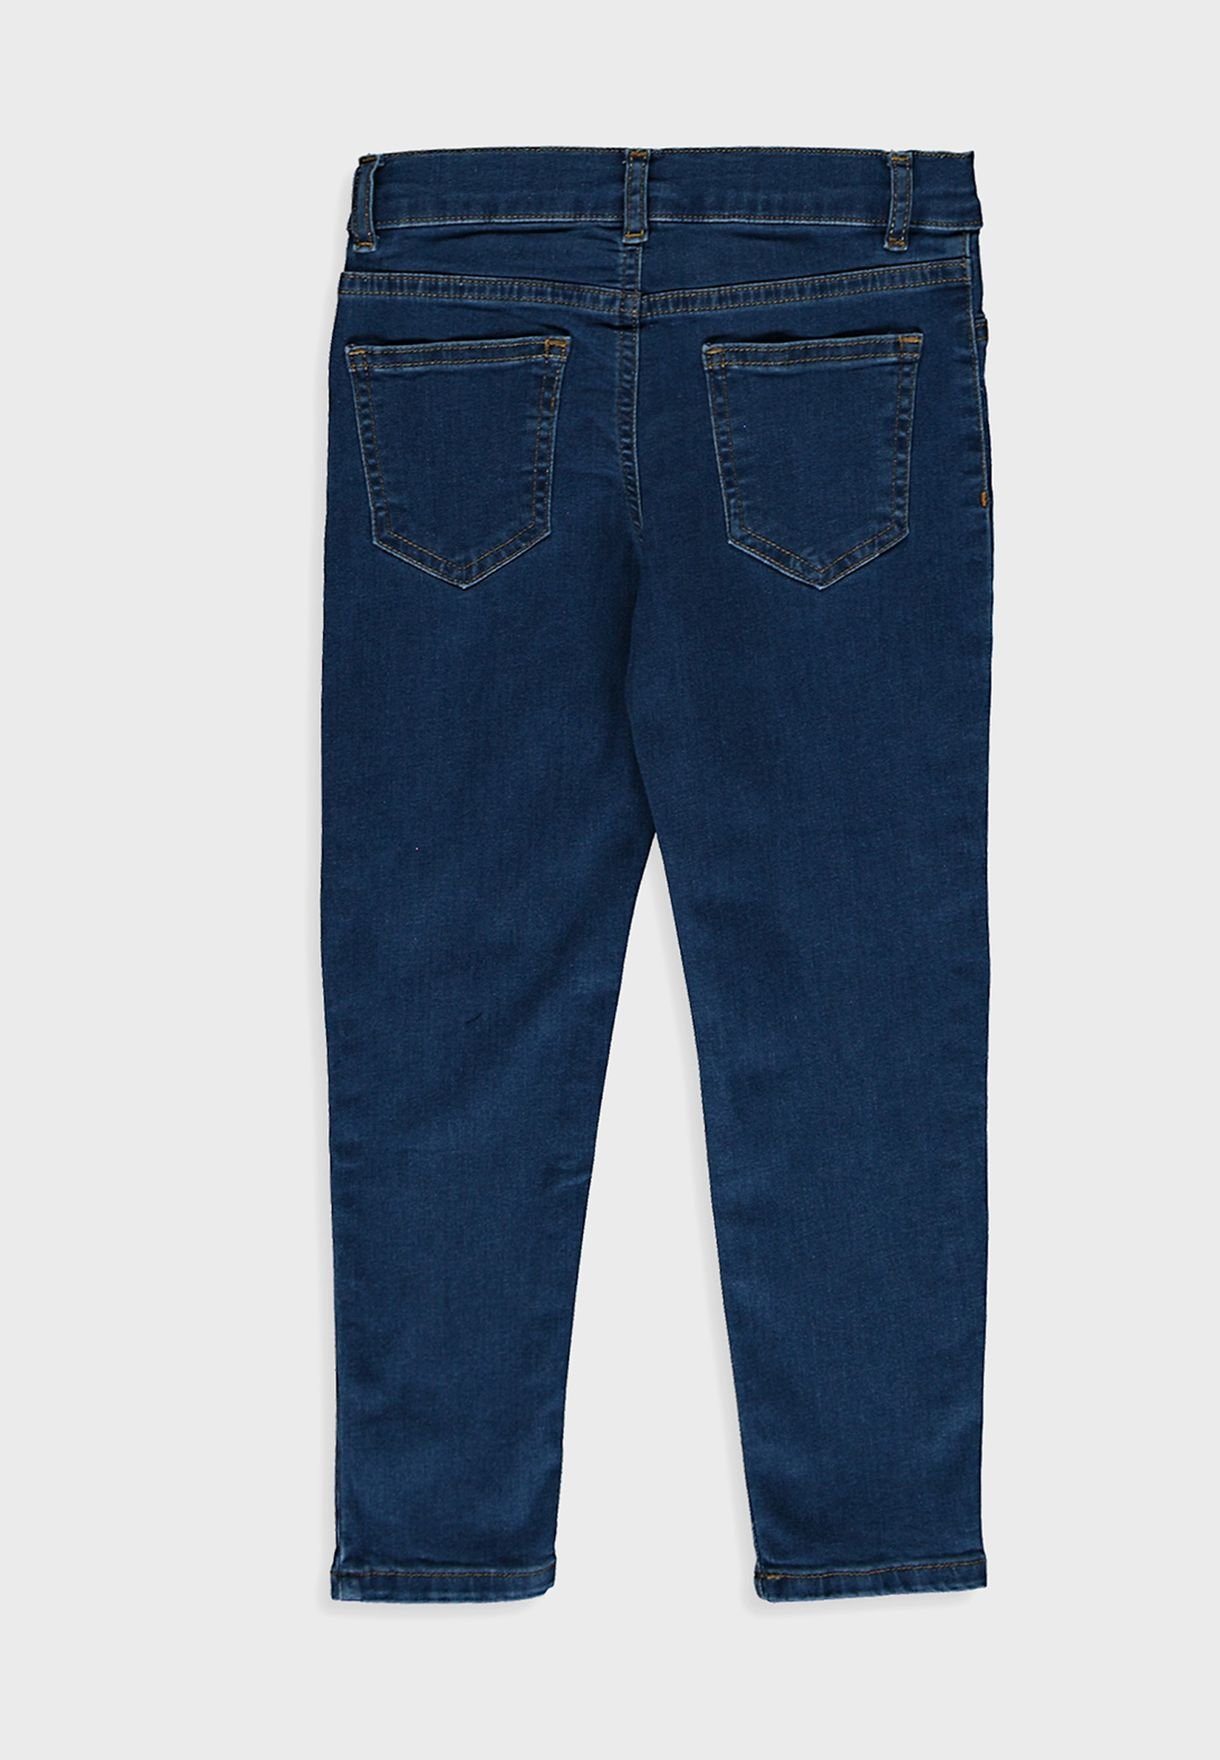 Kids Light Wash Jeans